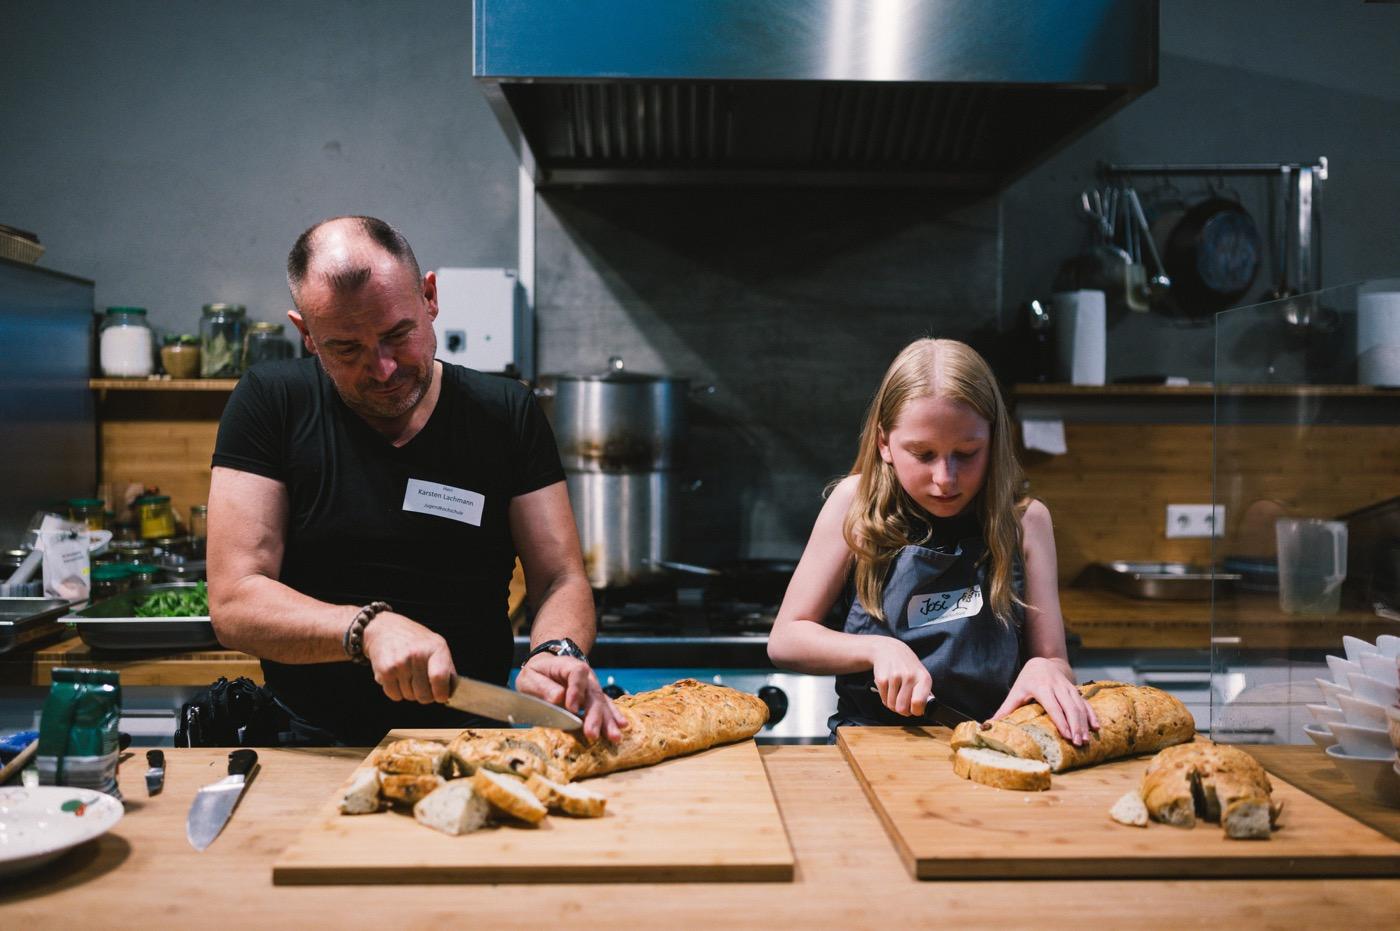 Hier kommt nichts aus der Tüte – sogar das Brot wird frisch gebacken.